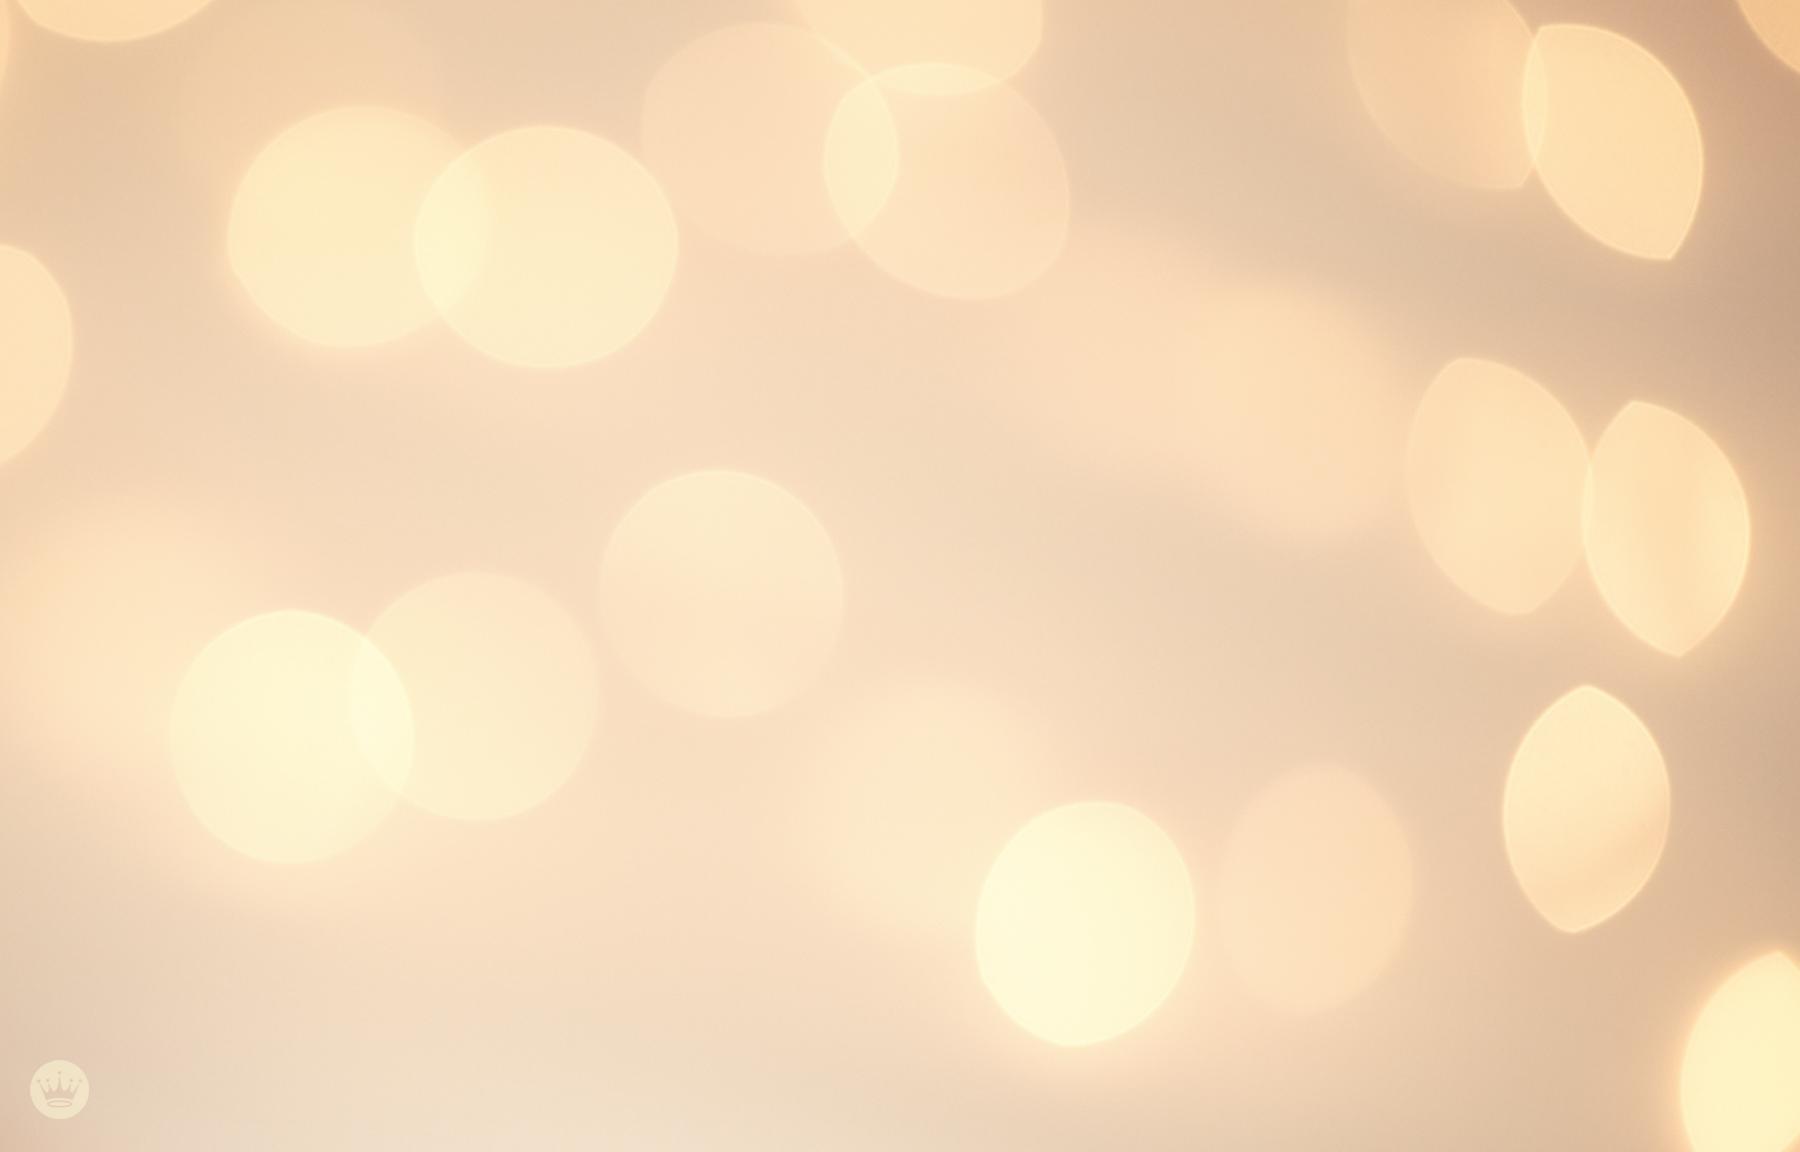 Wallpaper download blog - Download Sparkling Lights By Hallmark Photographer Kevin C Desktop Wallpaper